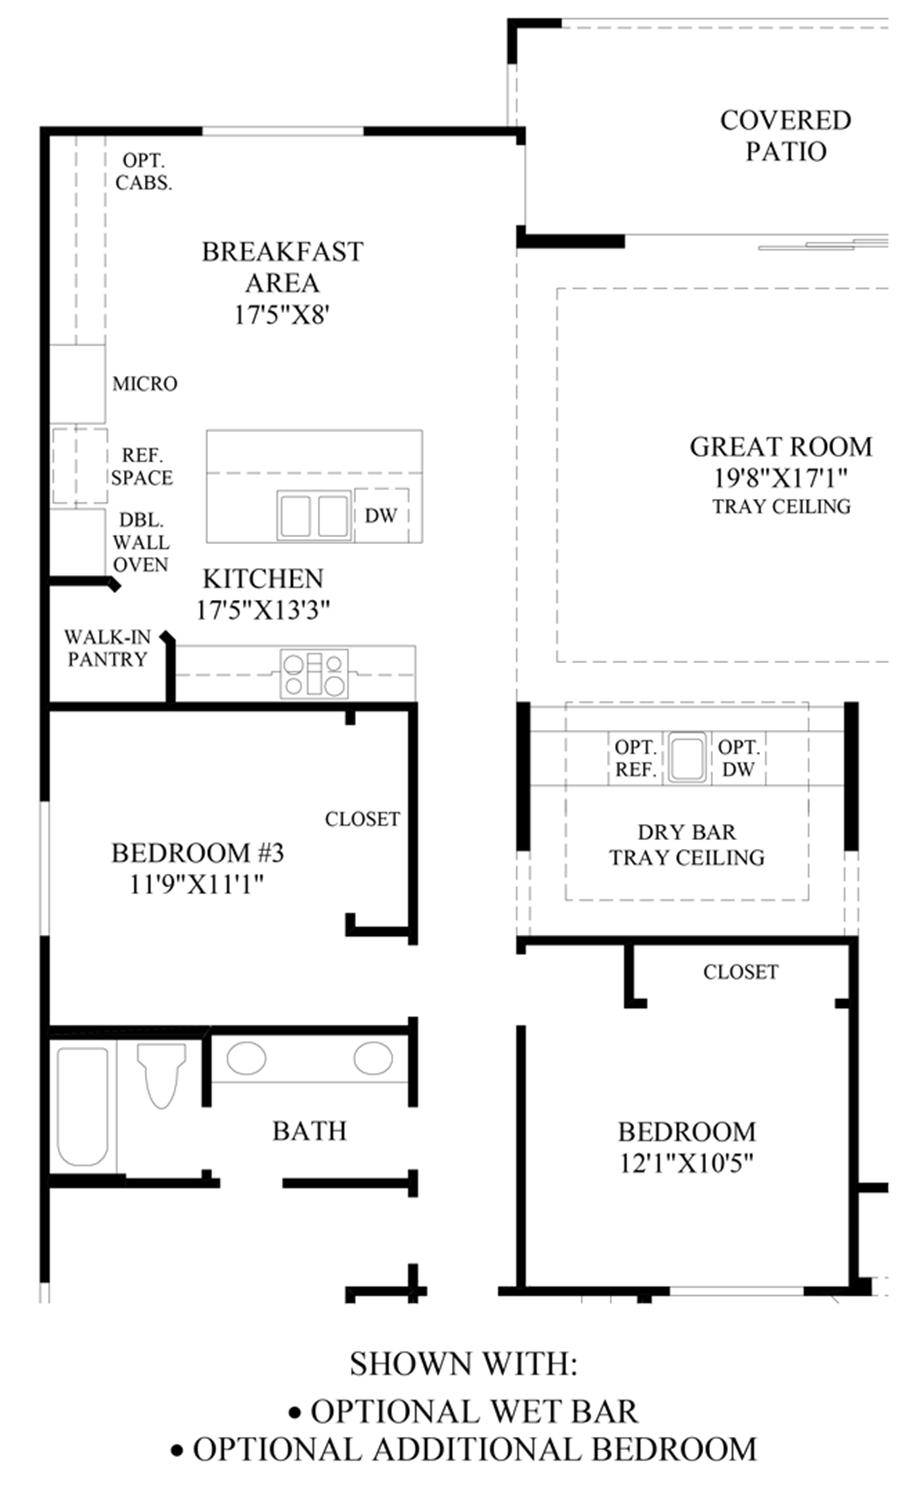 Optional Wet Bar & Additional Bedroom Floor Plan